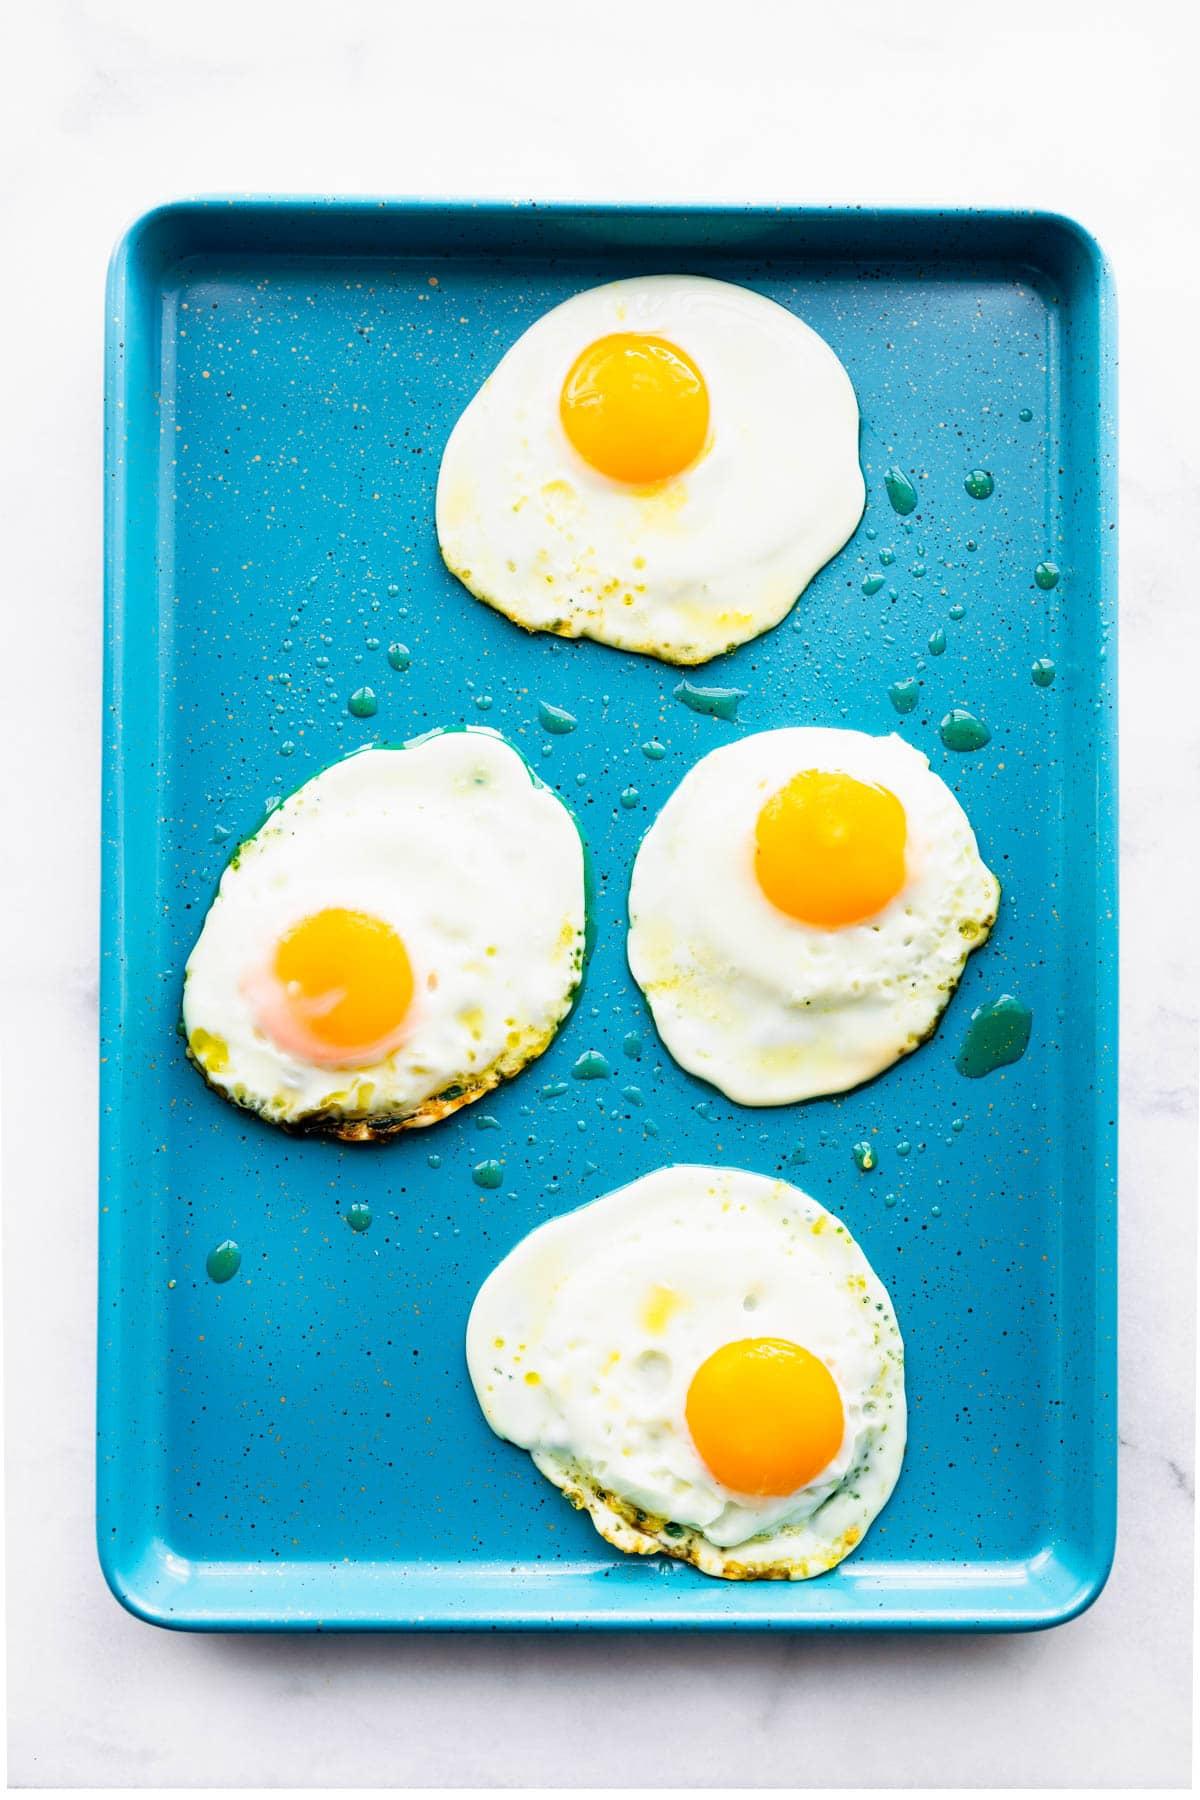 4 olive oil fried eggs on rectangular blue platter